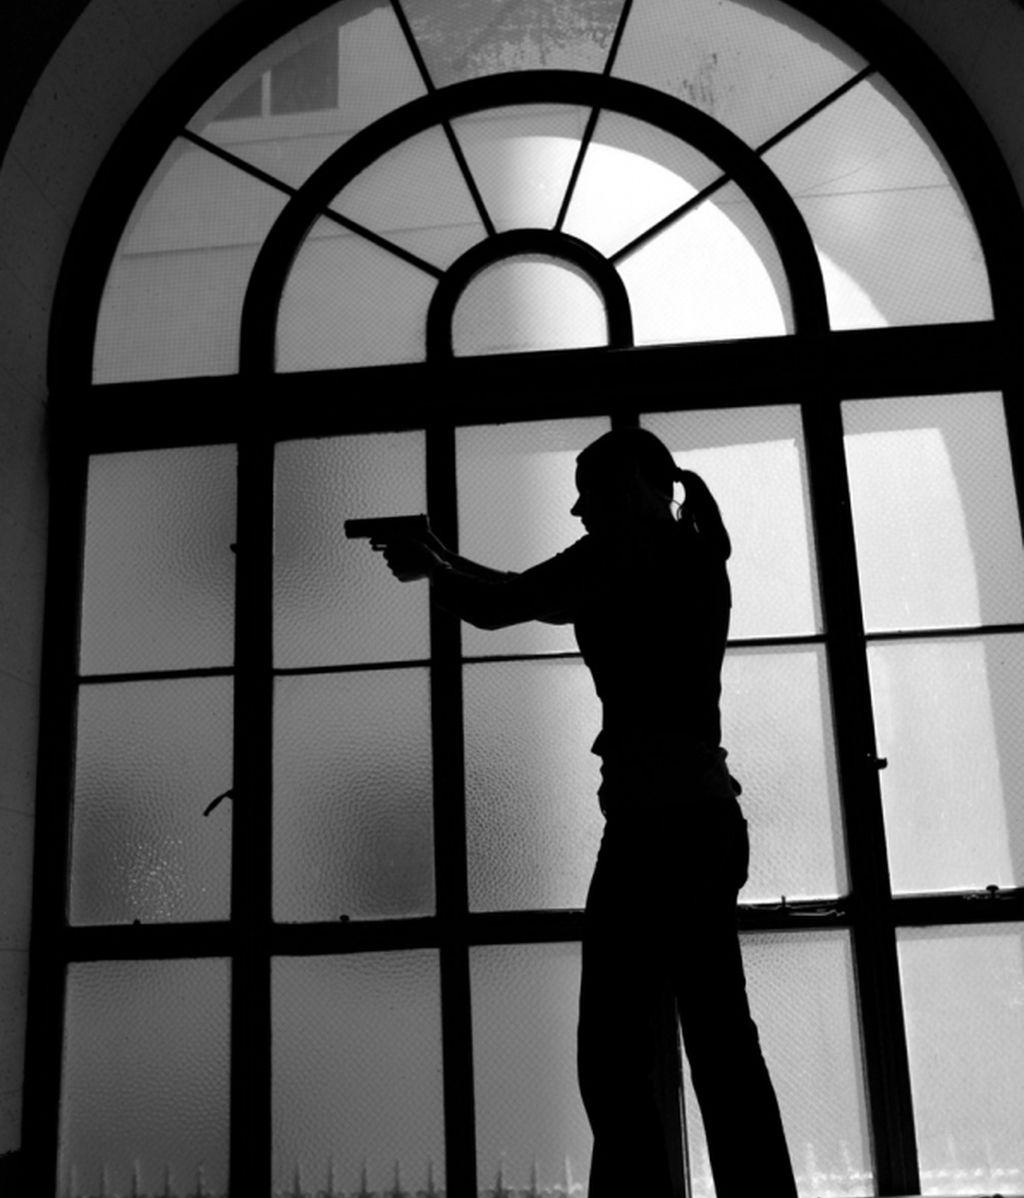 'Mentes criminales' despide la termporada con un capítulo doble